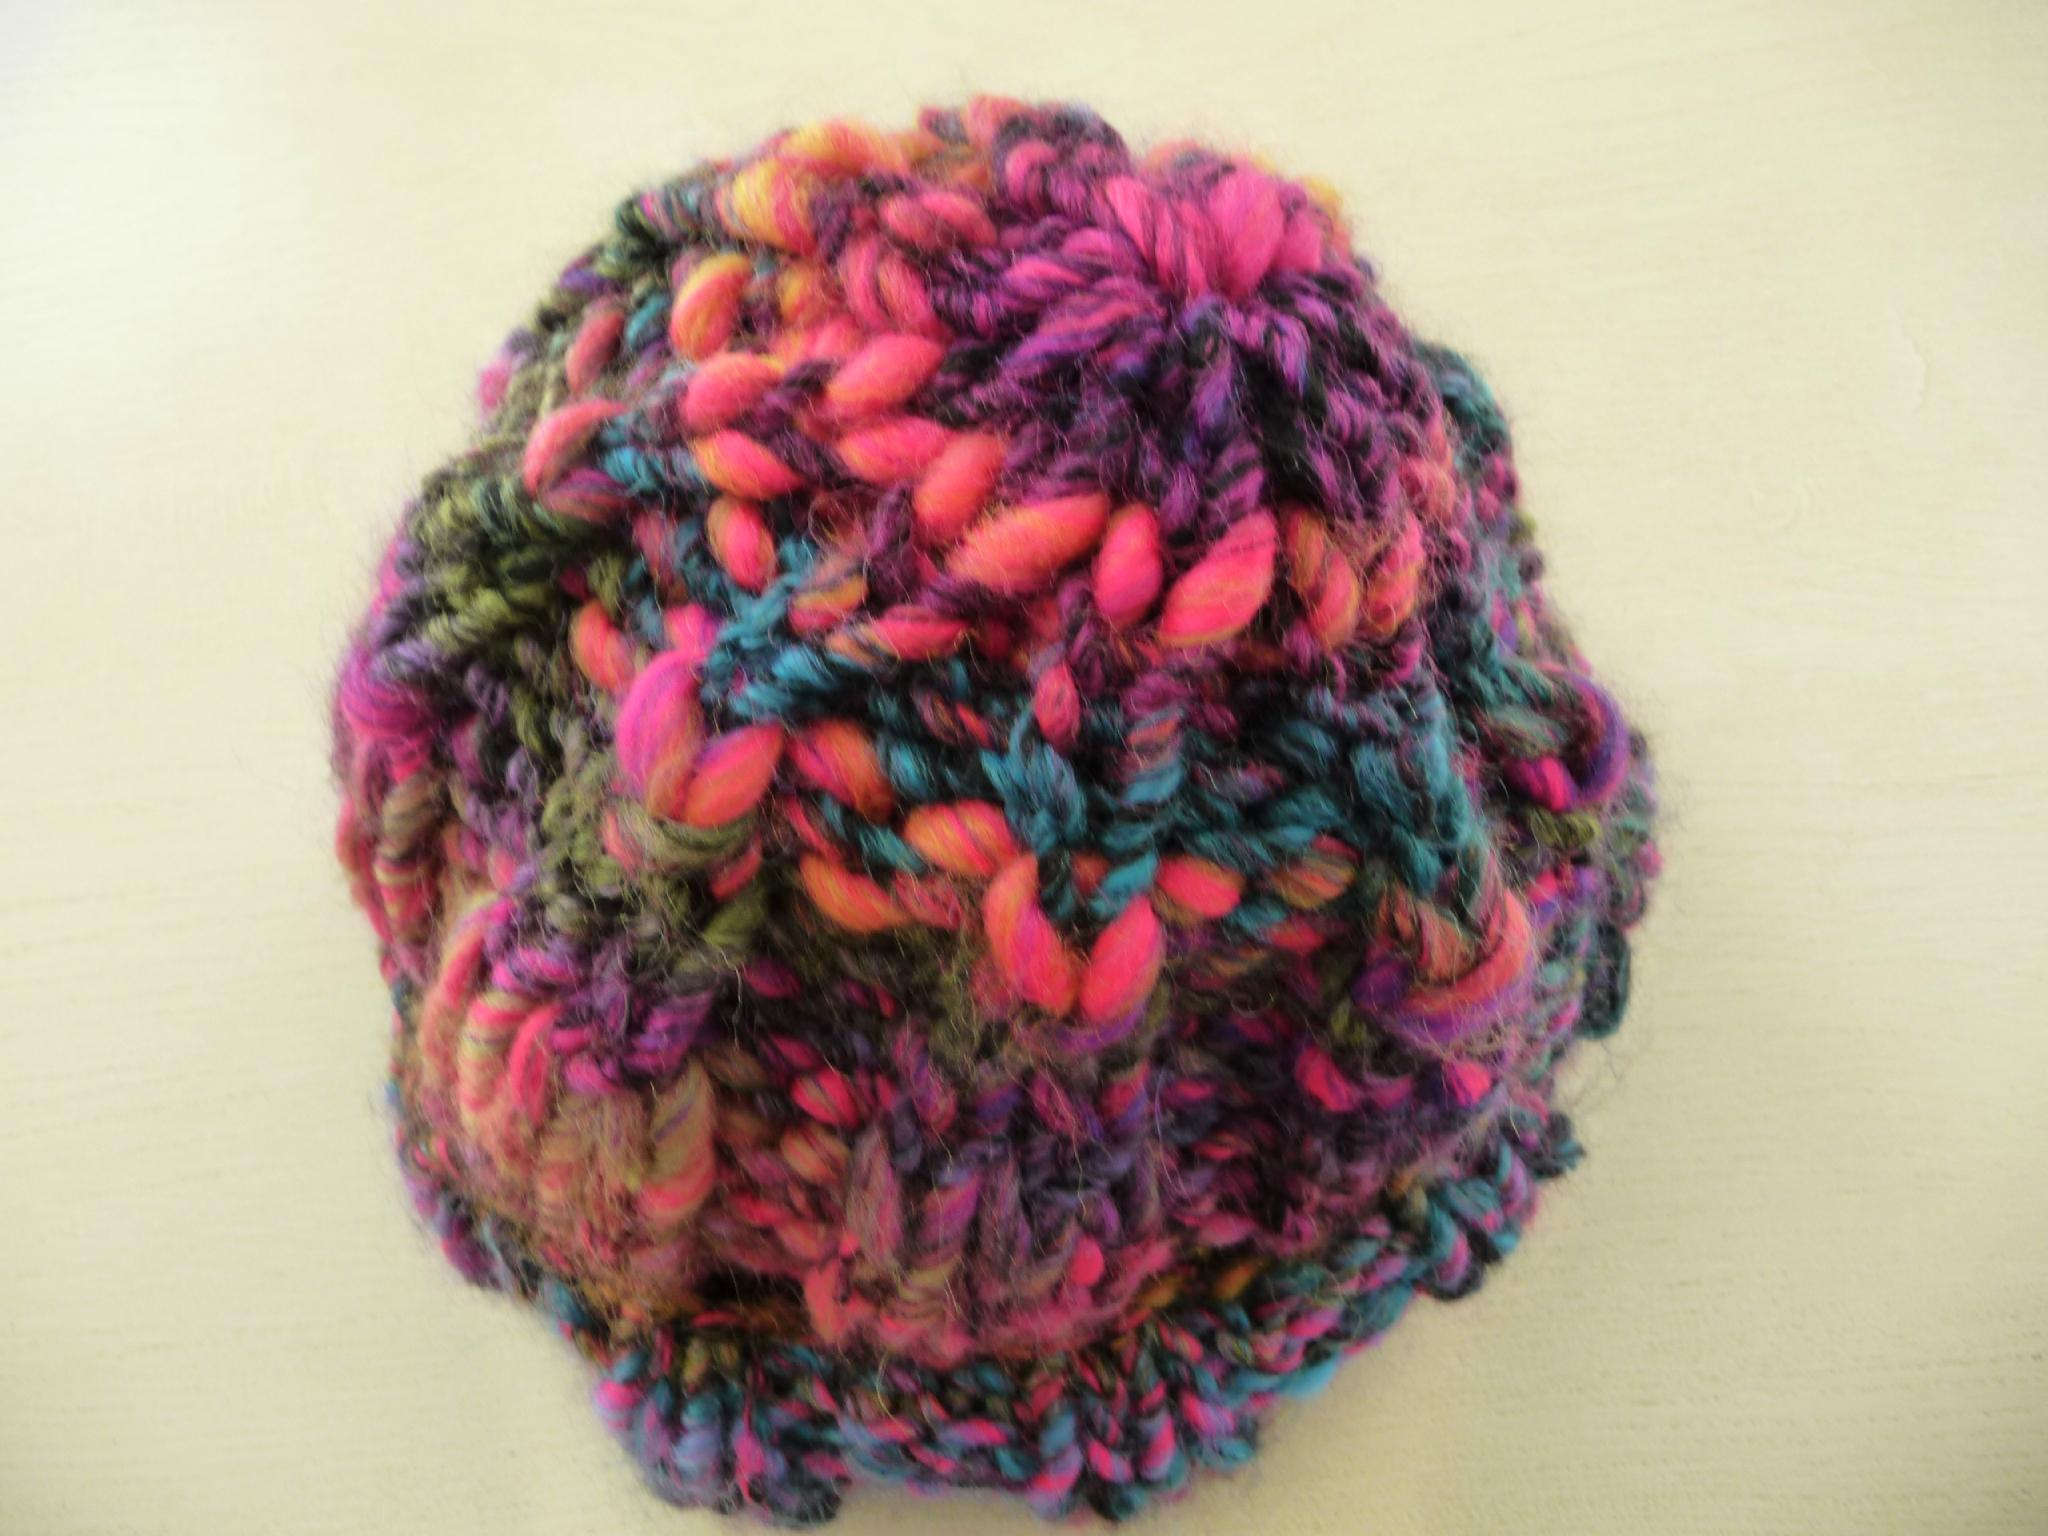 modele tricot bonnet grosse laine. Black Bedroom Furniture Sets. Home Design Ideas